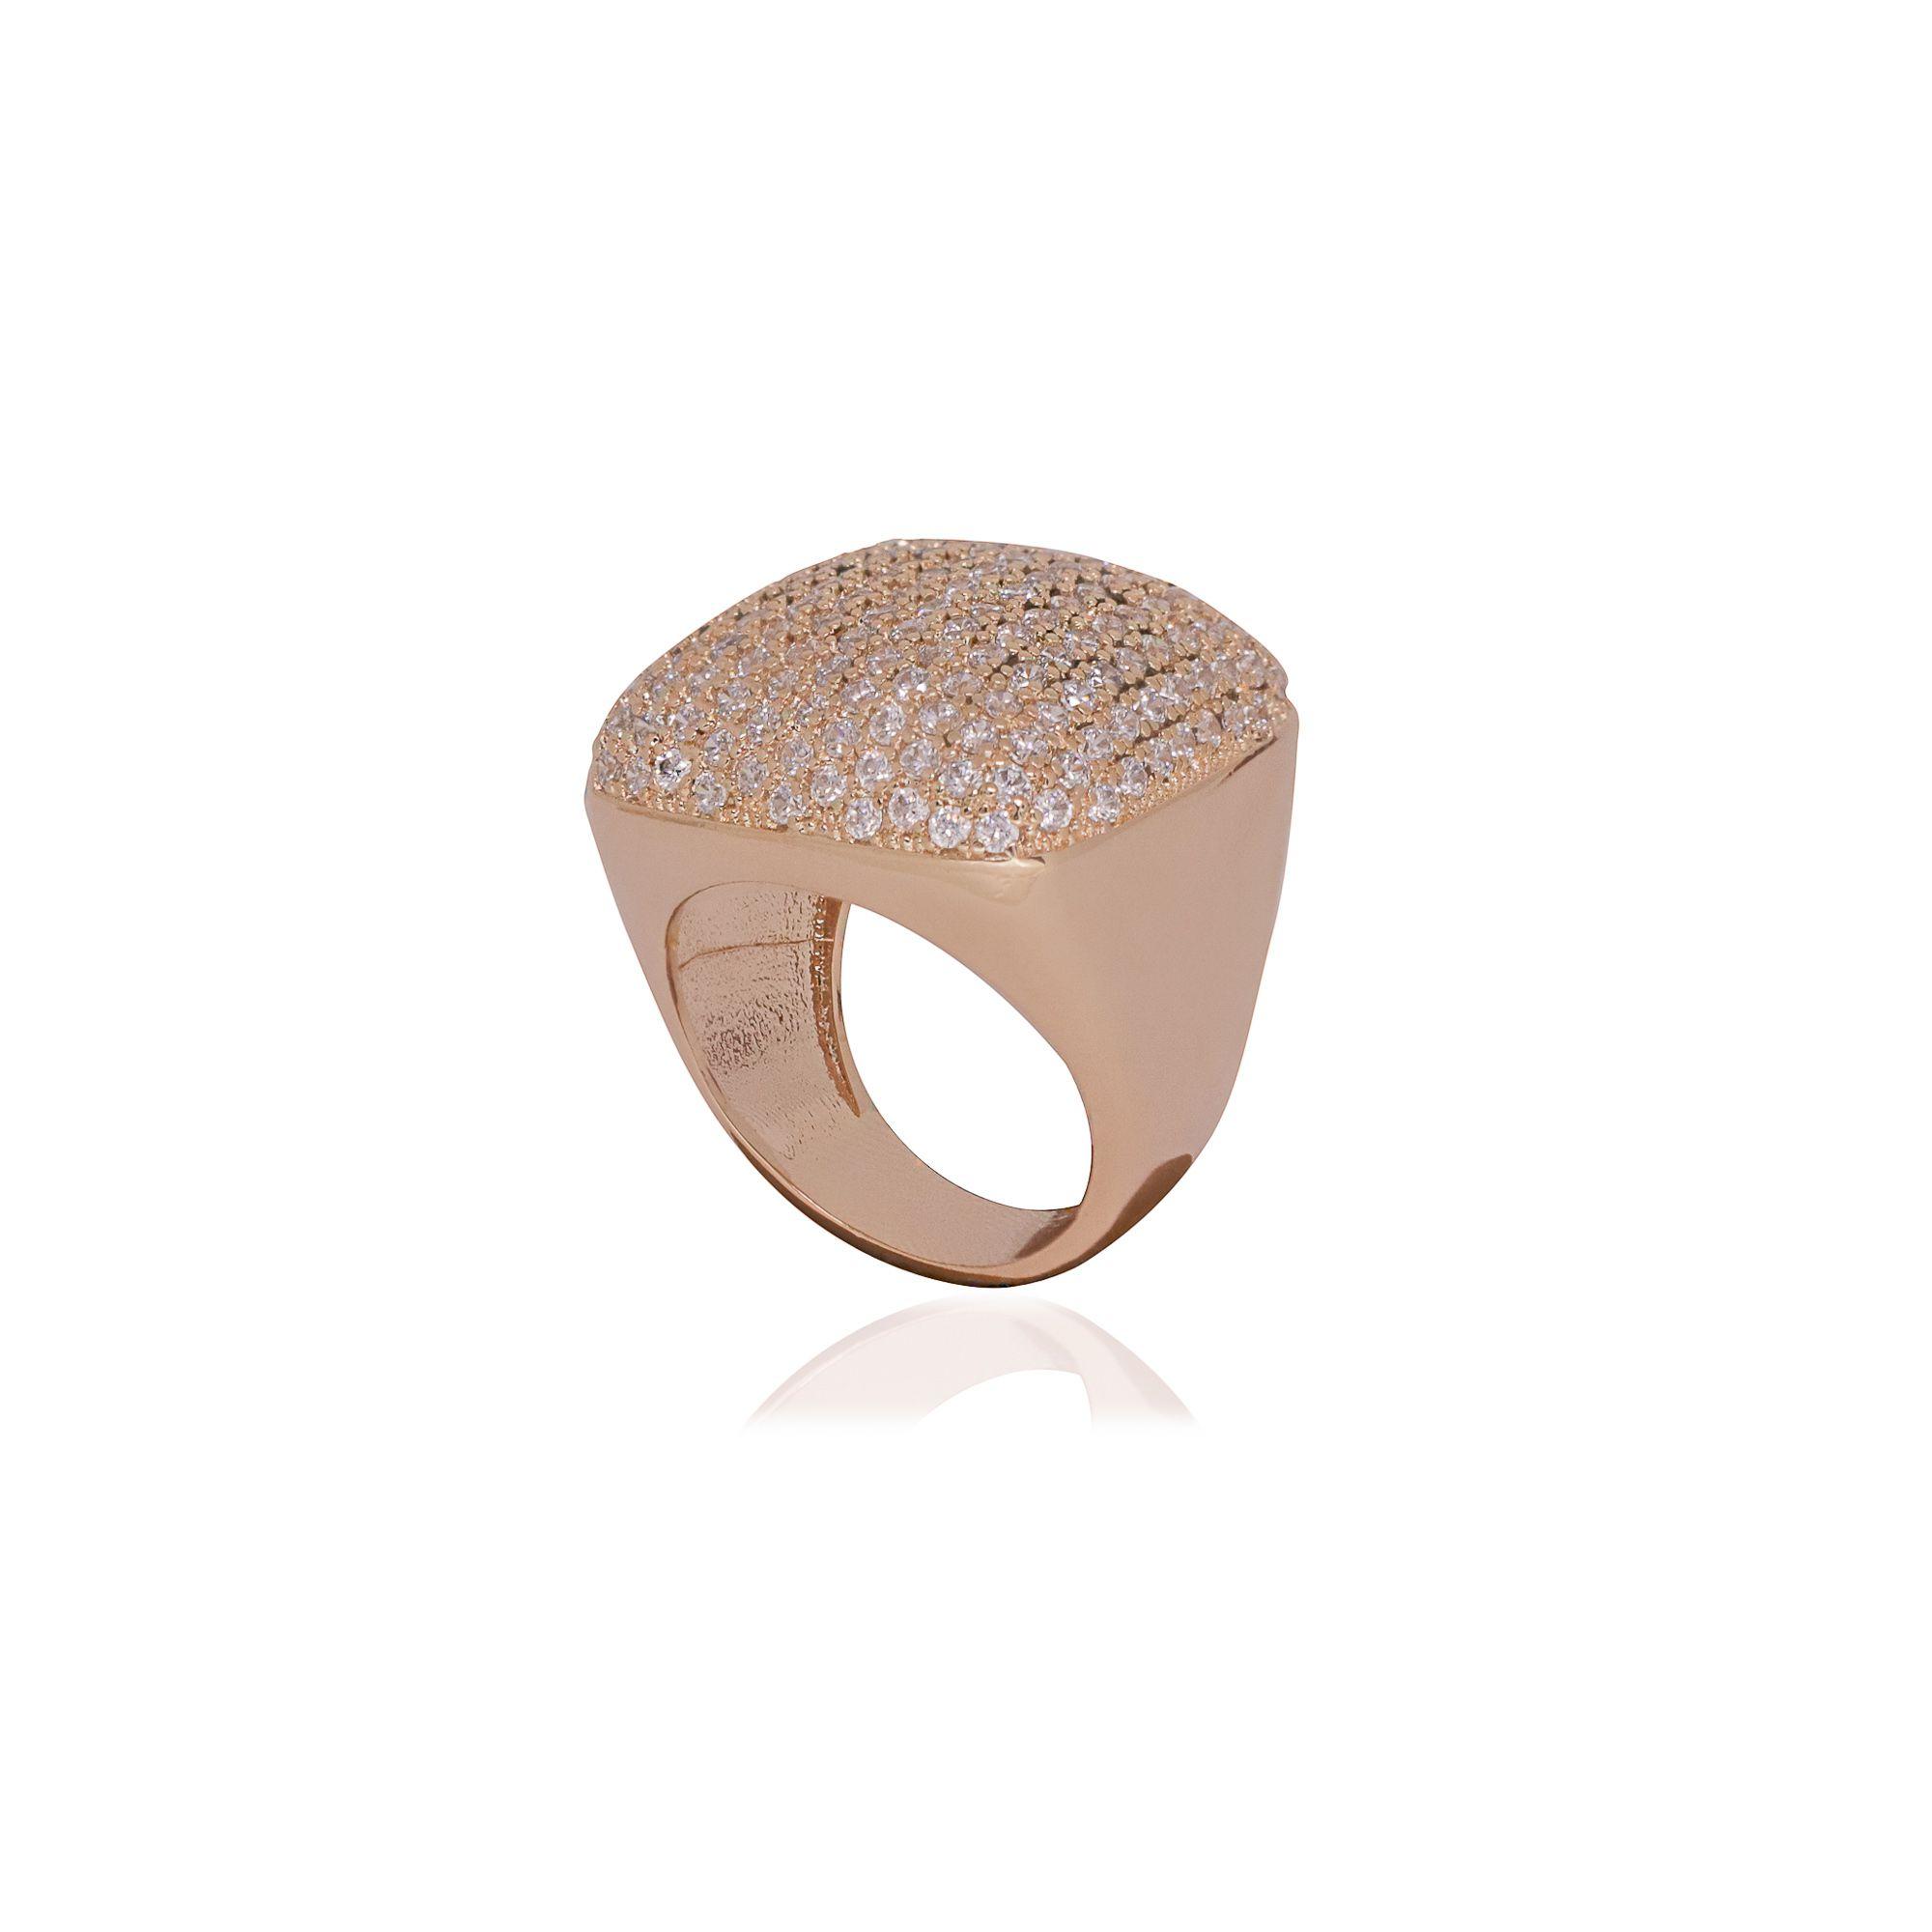 Anel Semi joia quadrado em microzircônia e banhado a ouro 18k ou rhodium